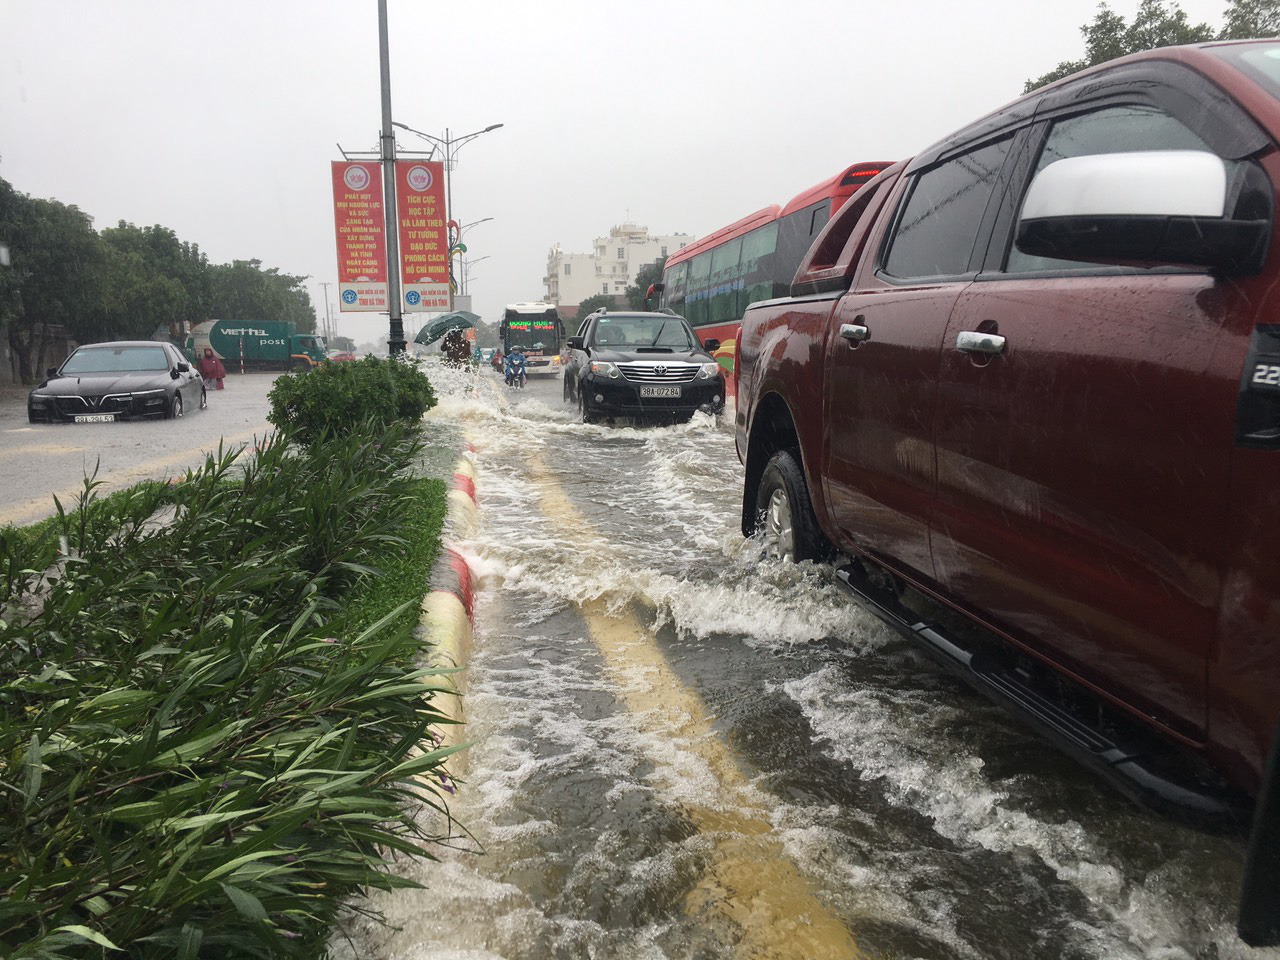 Hà Tĩnh: Nước dâng cao kỷ lục, người dân oằn mình trong lũ - Ảnh 7.